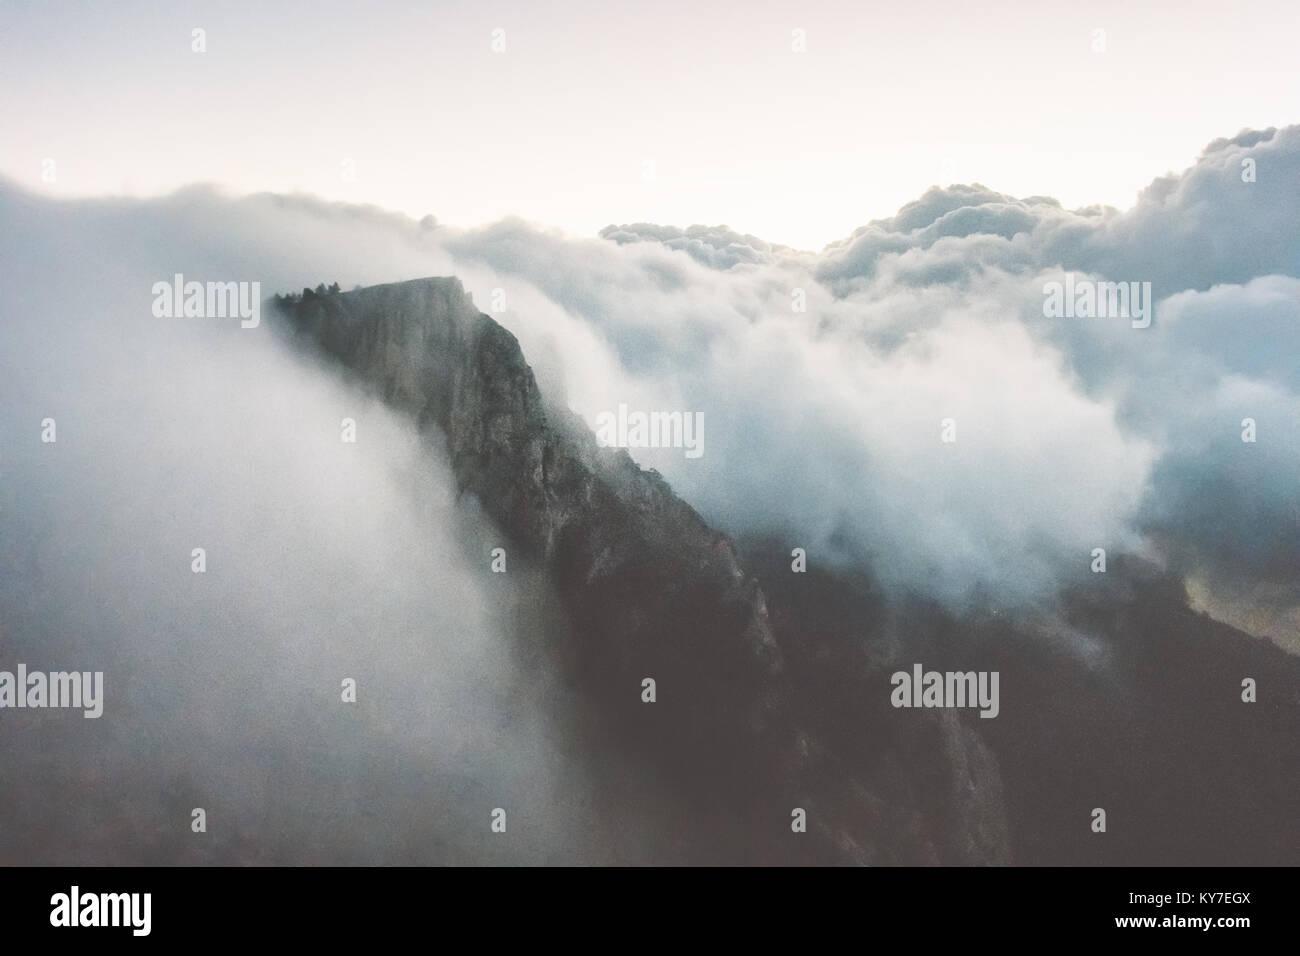 Rocky Mountains Felsen und Wolken Sturm Landschaft reisen Luftaufnahme heiteren Landschaft der wilden Natur Stockbild